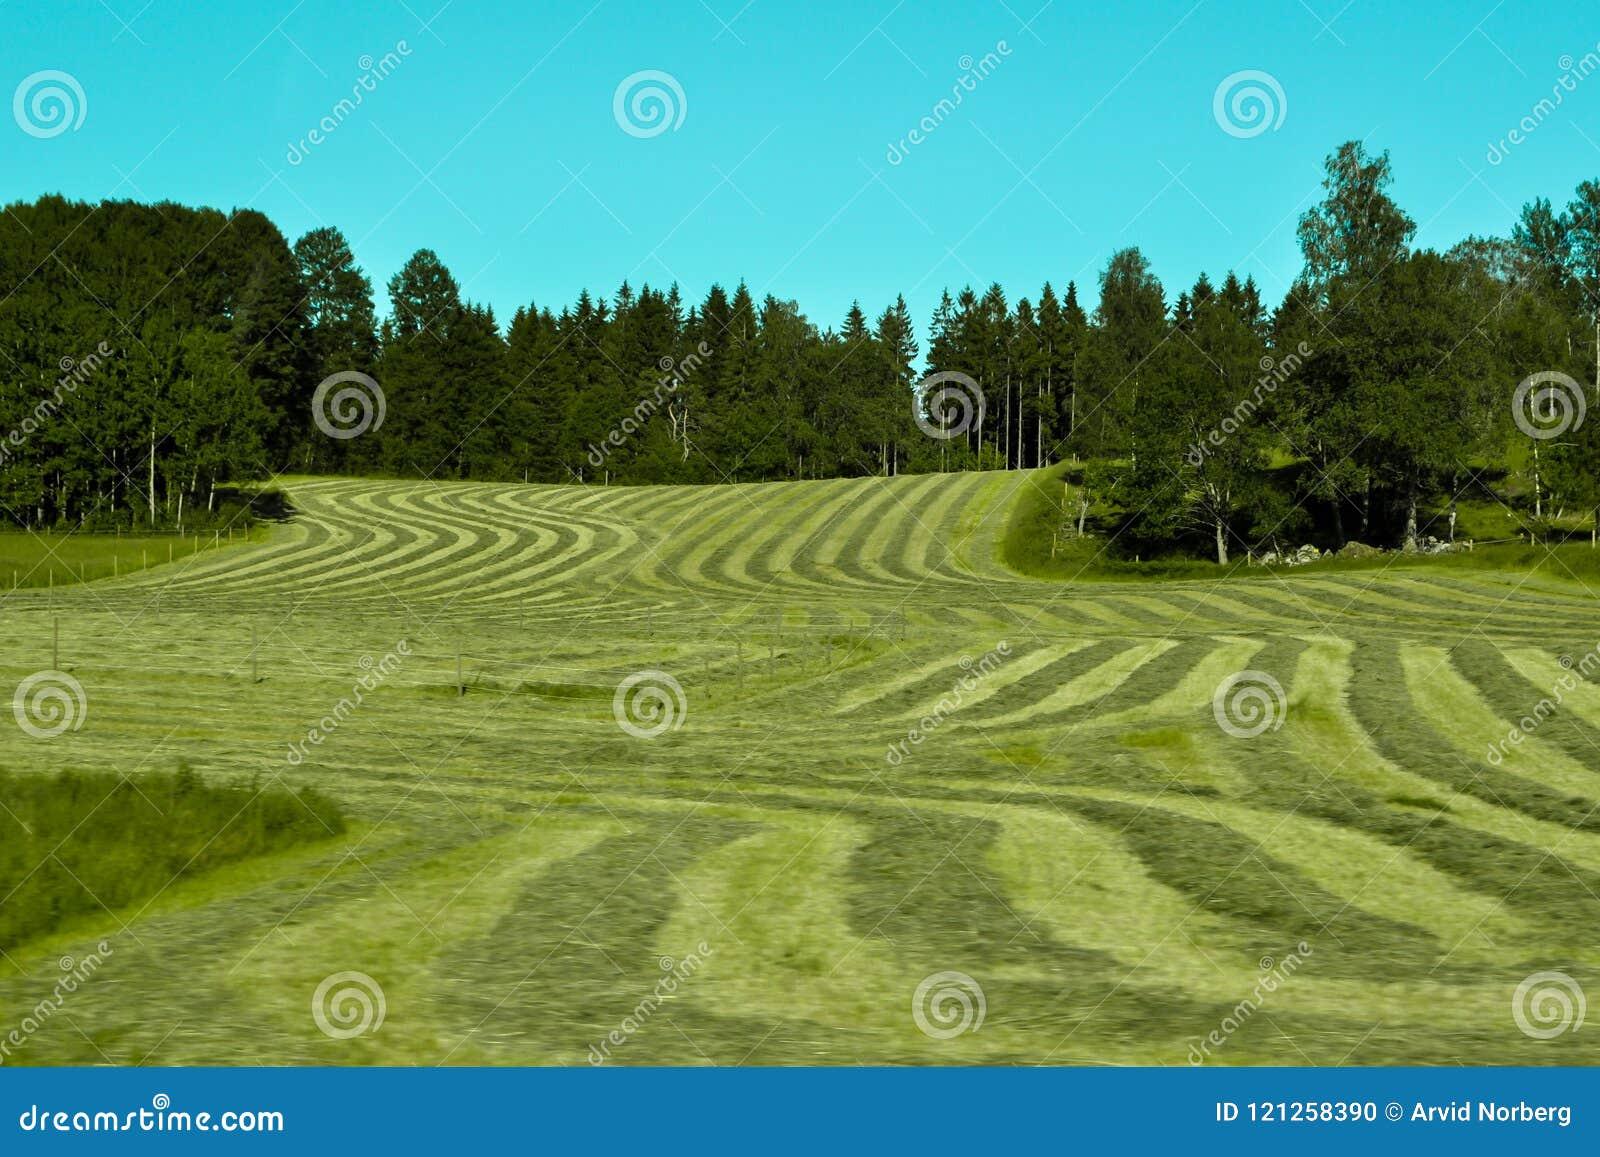 Corte recientemente la hierba en líneas